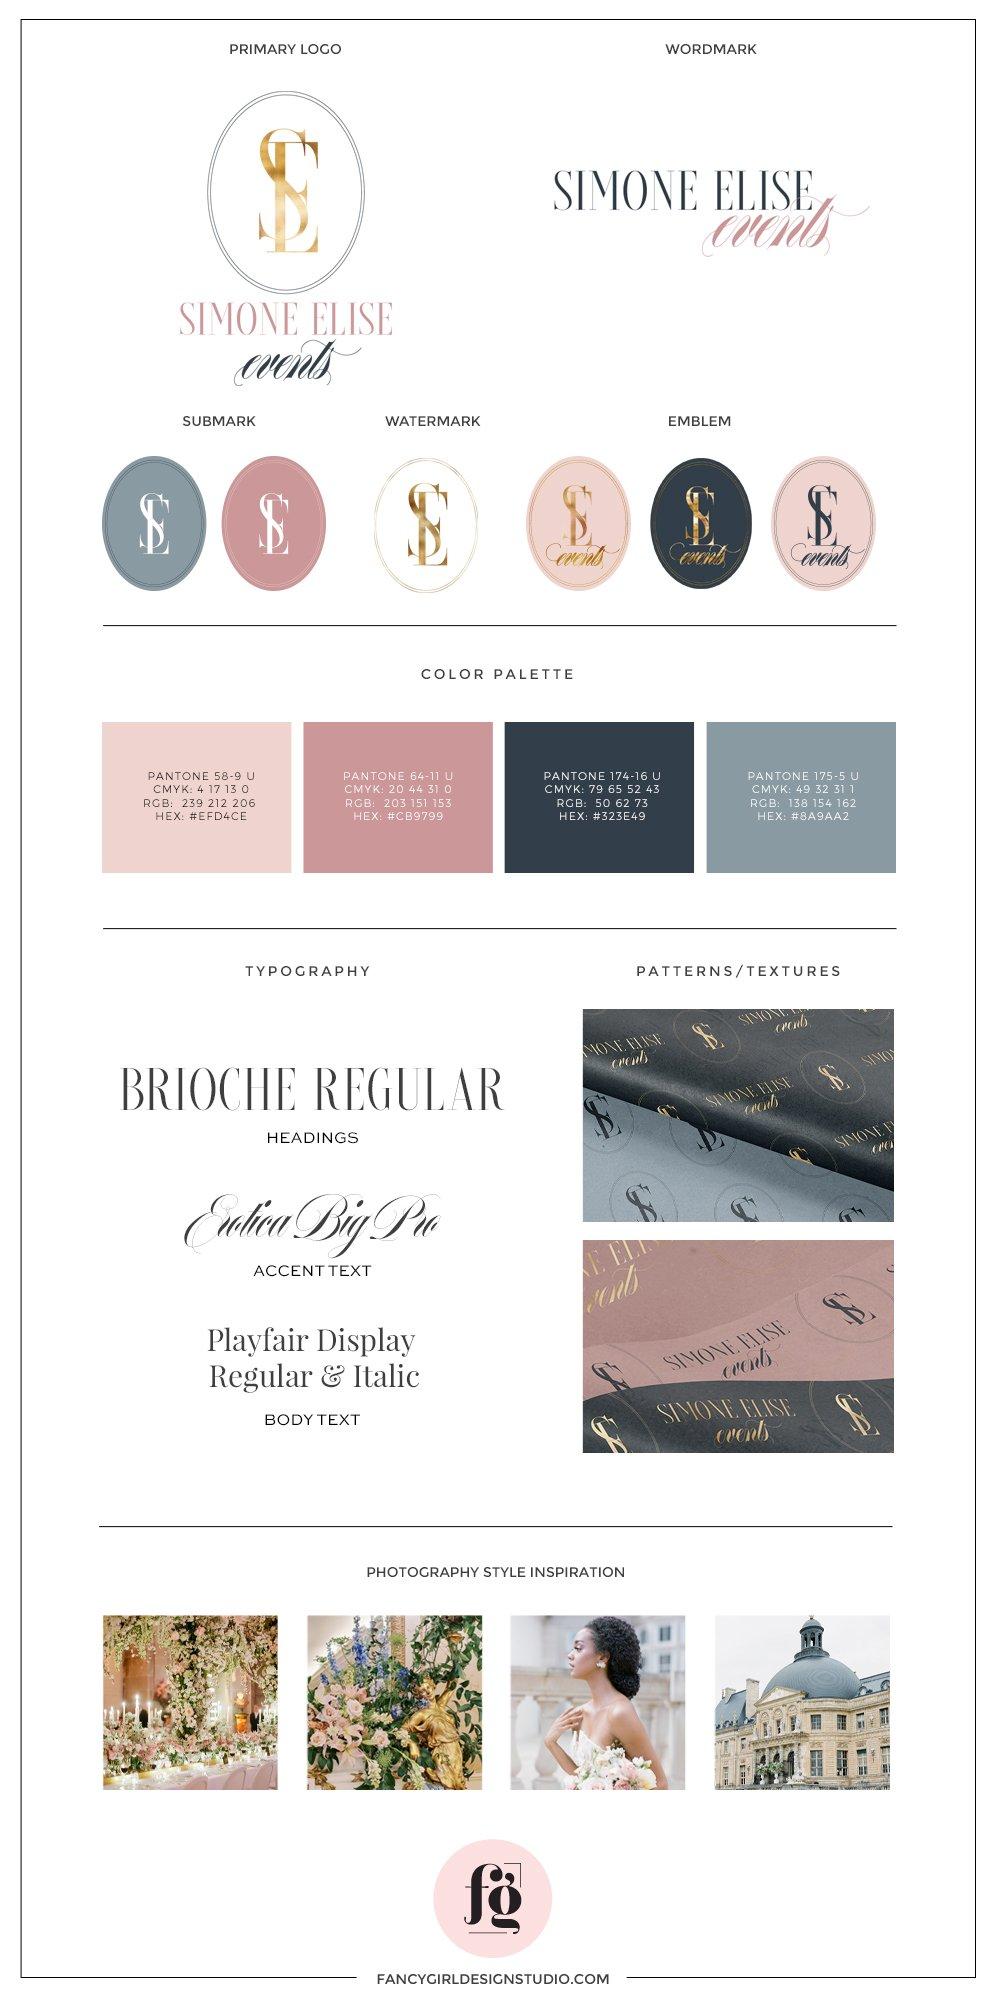 Brand Style Guide for Simone Elise Events | timeless, elegant, romantic logo design